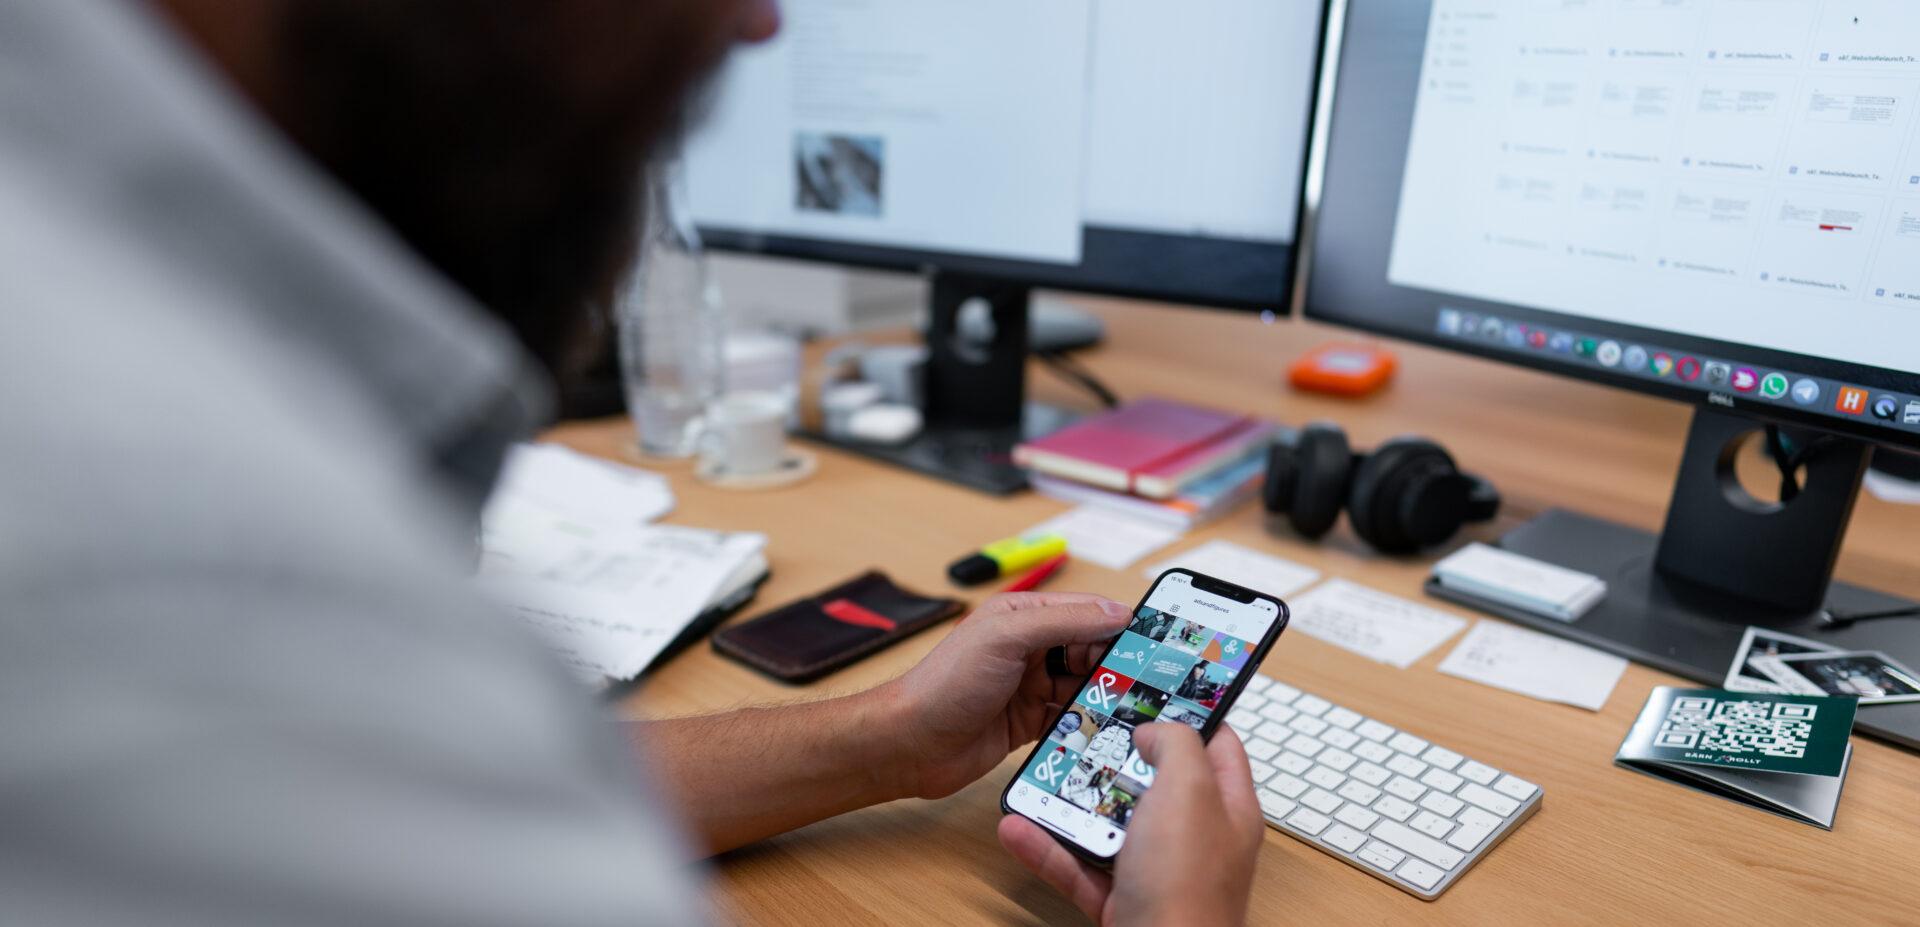 ads&figures Mitarbeiter Simon Schütz arbeitet an Instagram